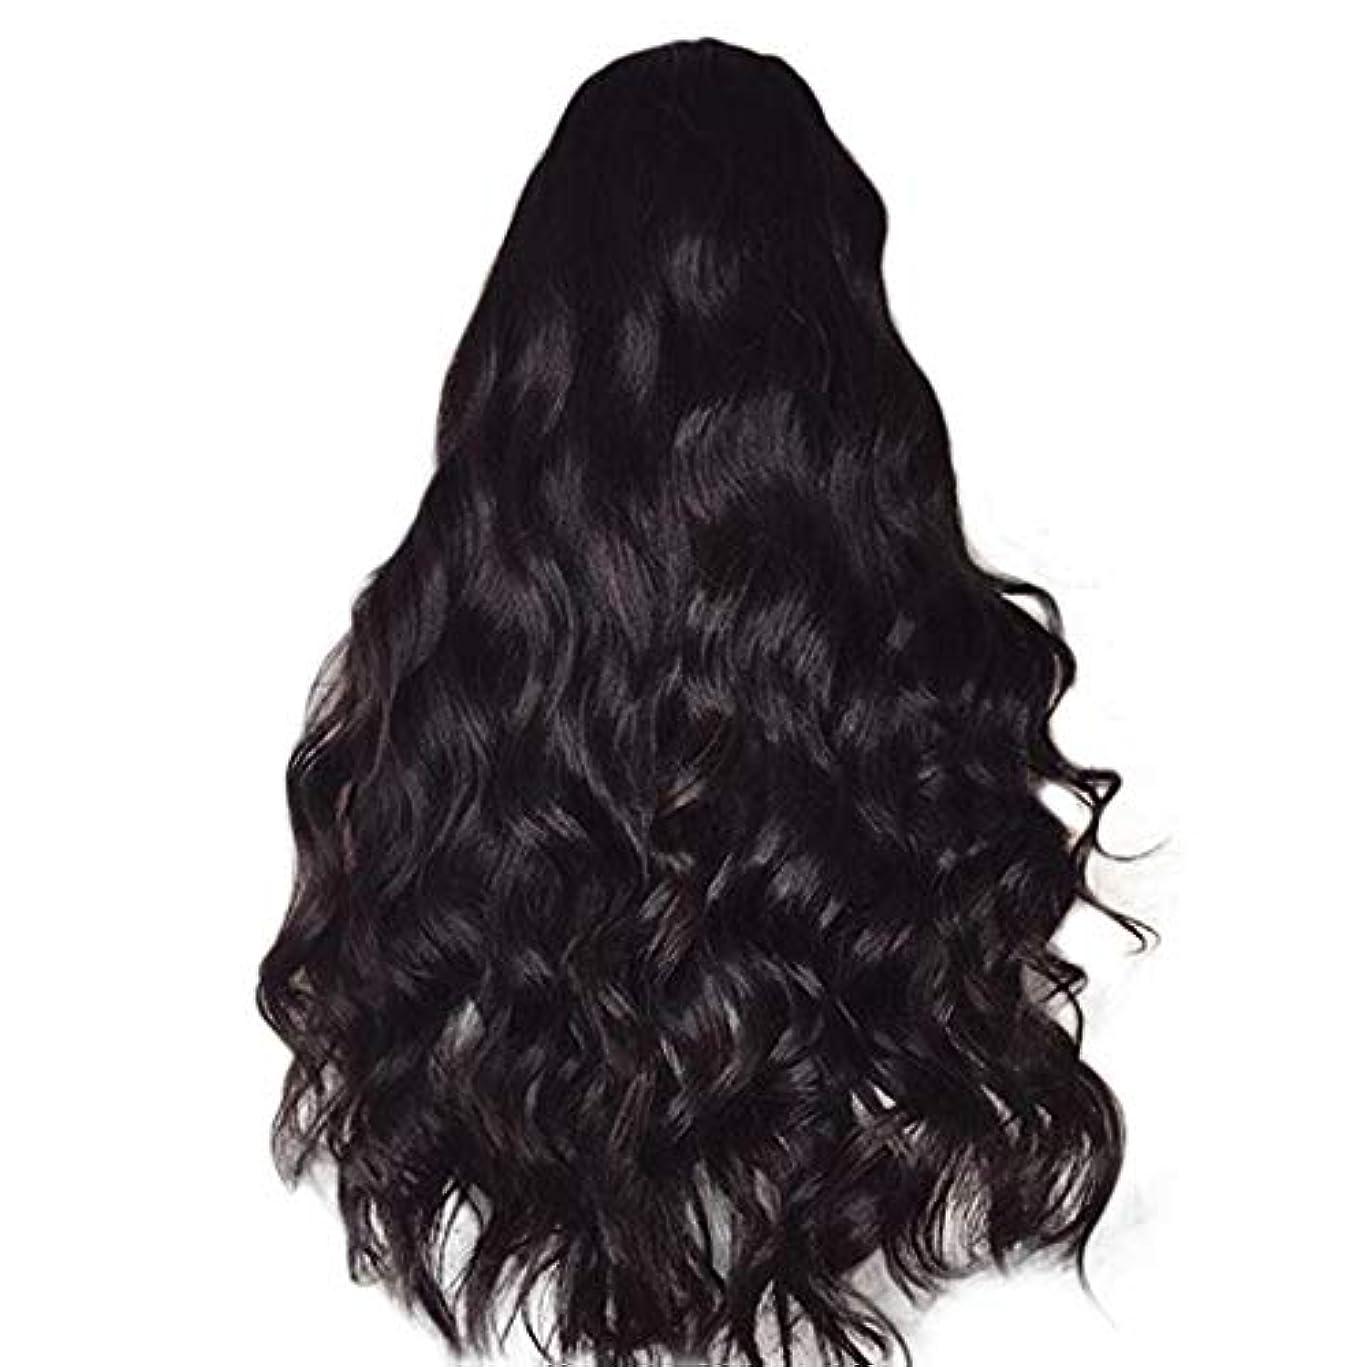 襟年齢指標女性のかつら長い巻き毛黒ふわふわビッグウェーブウィッグ65 cm